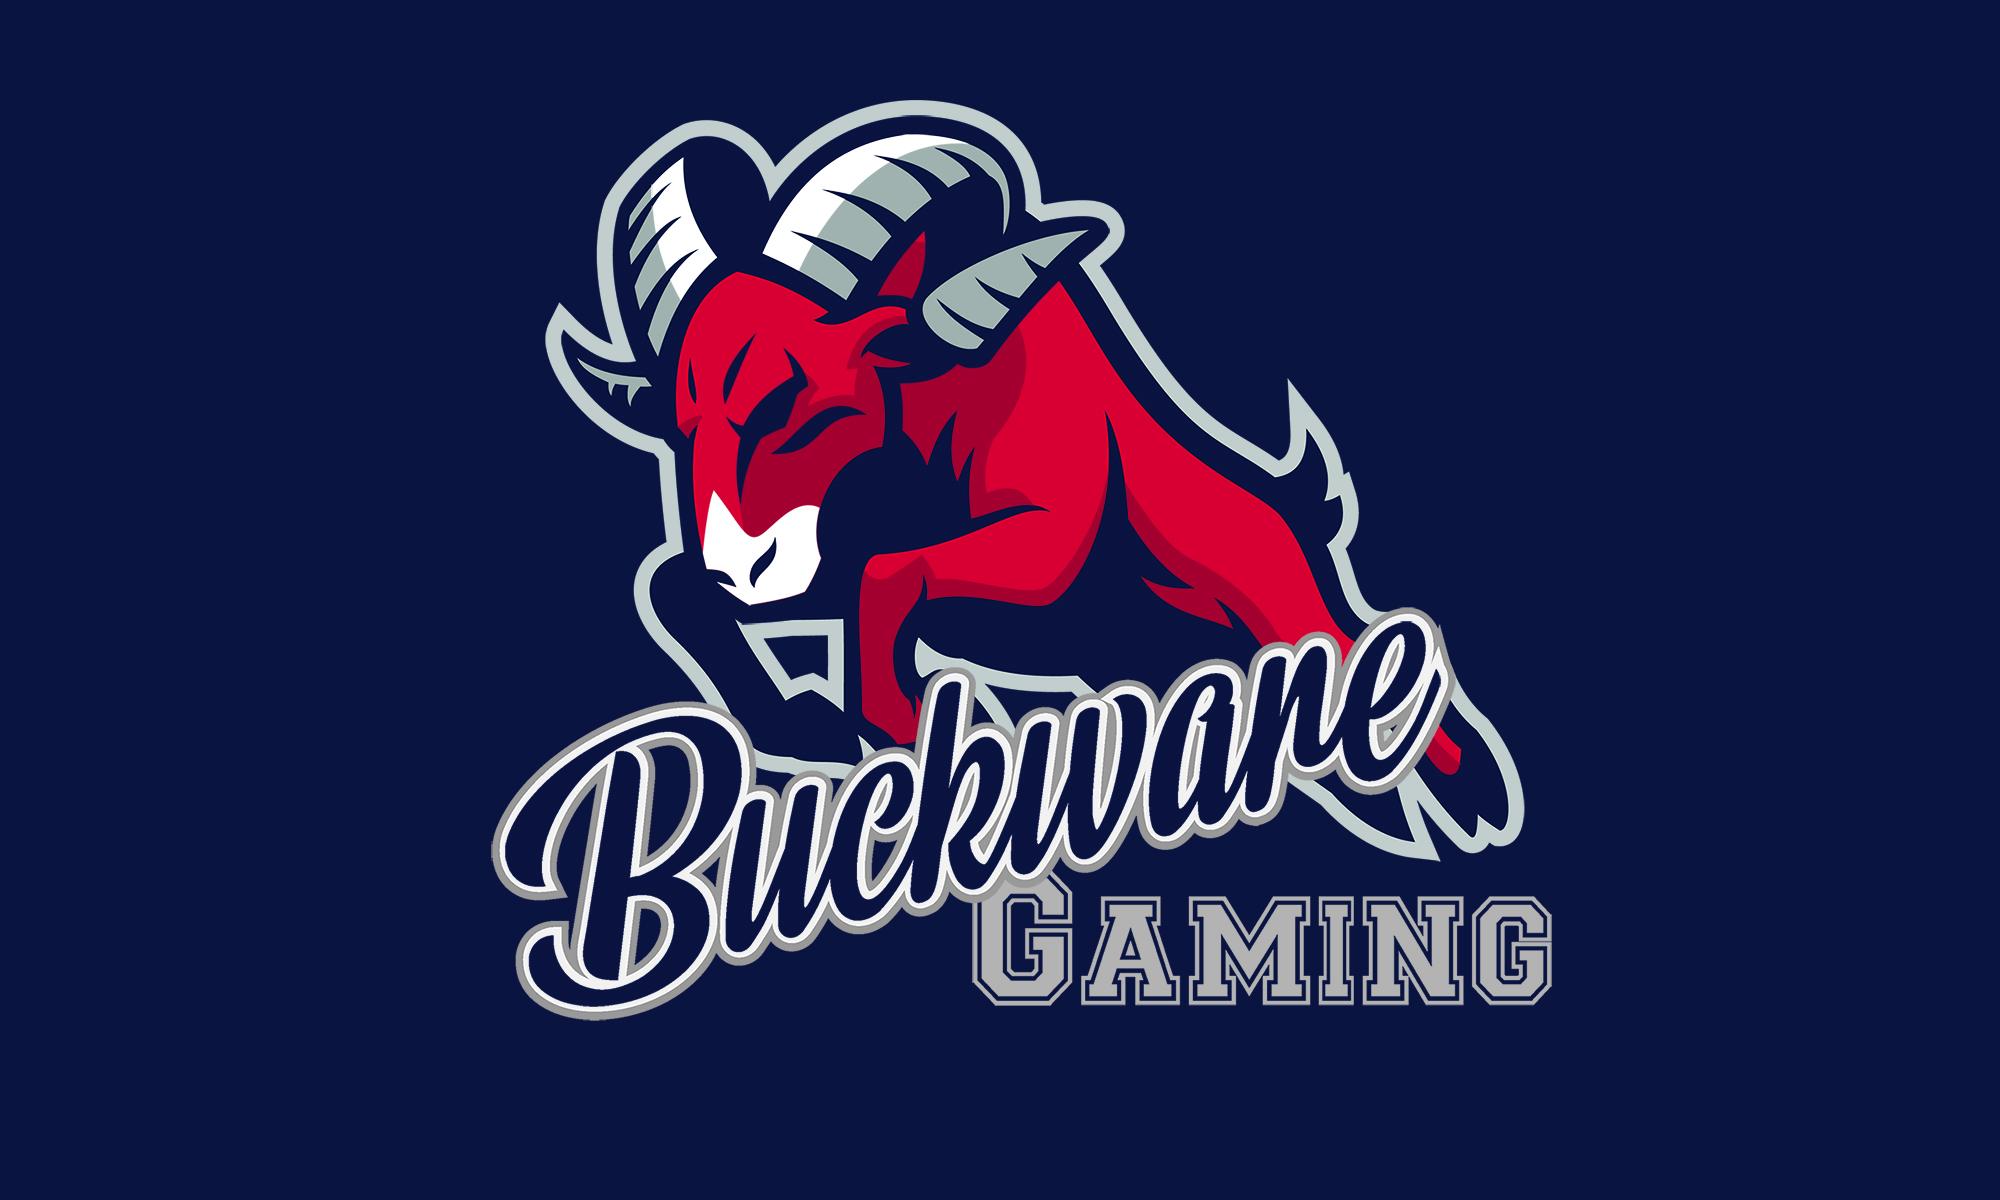 Buckware